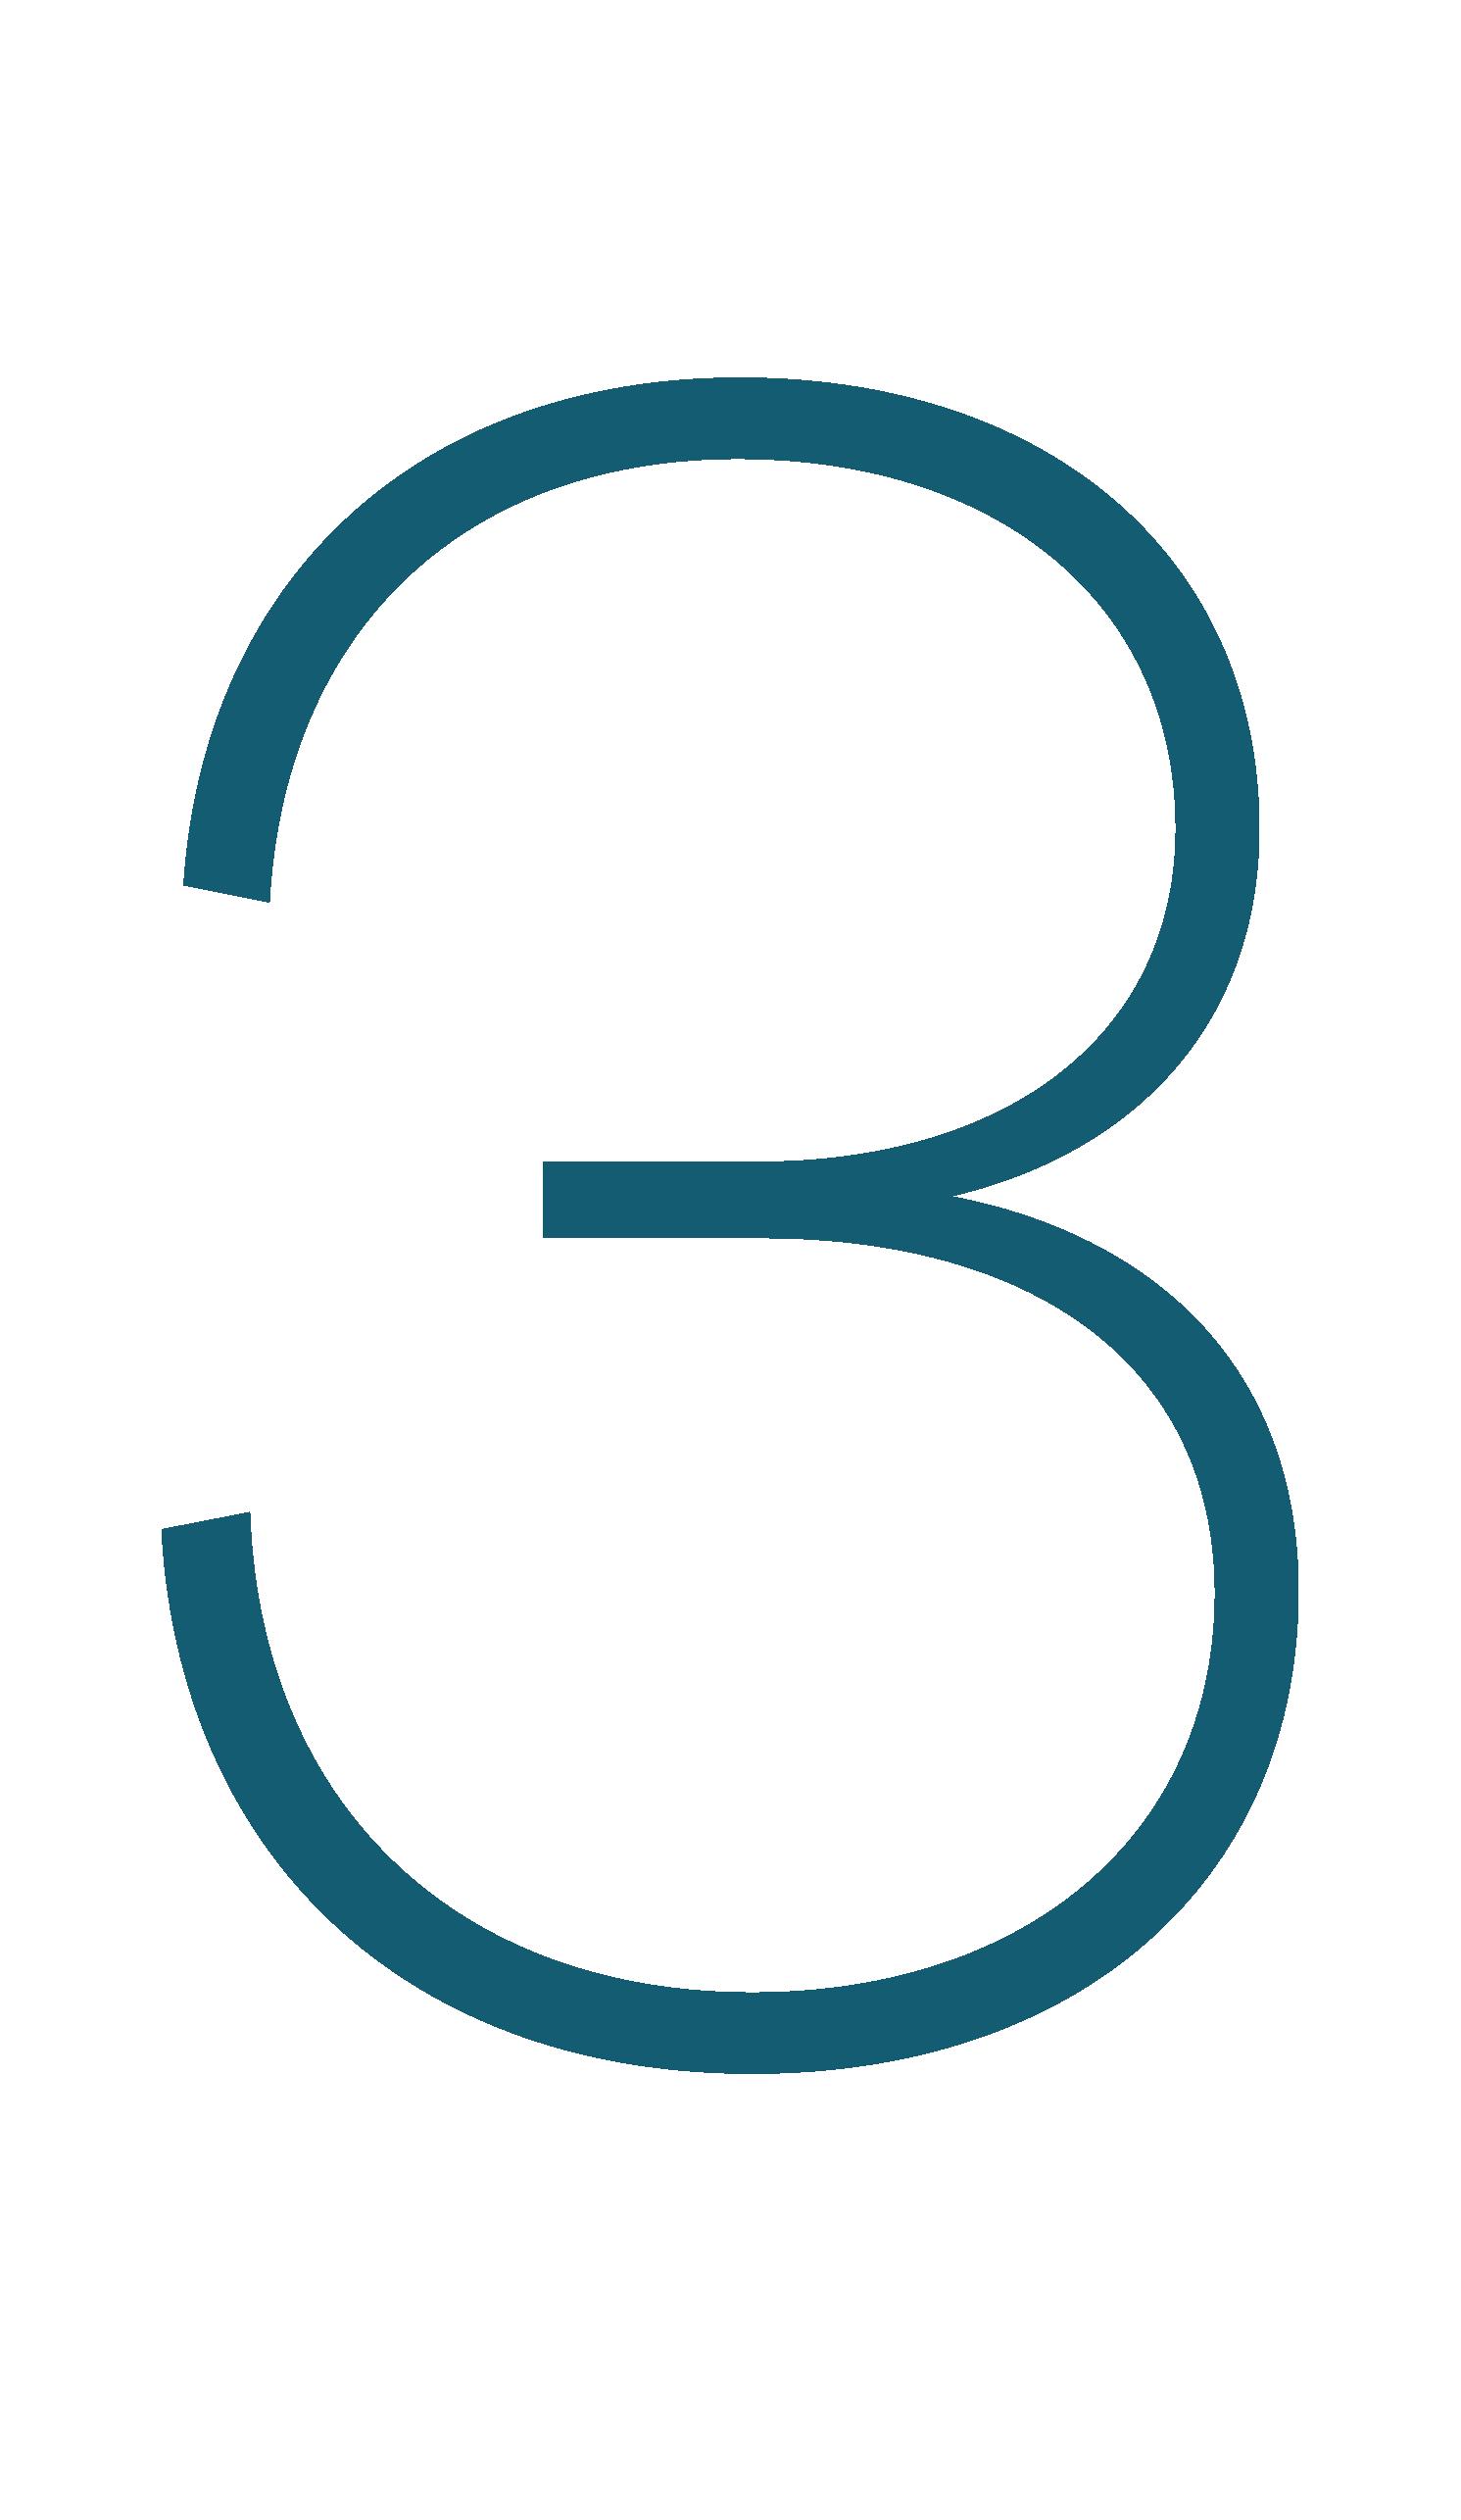 可重用性——消费者愿意多次重用Paptic®,因为它的外观和感觉。betway必威安卓必威app精装版苹果版它的技术性能、耐磨性和可折叠性支持了它的可重复使用性。